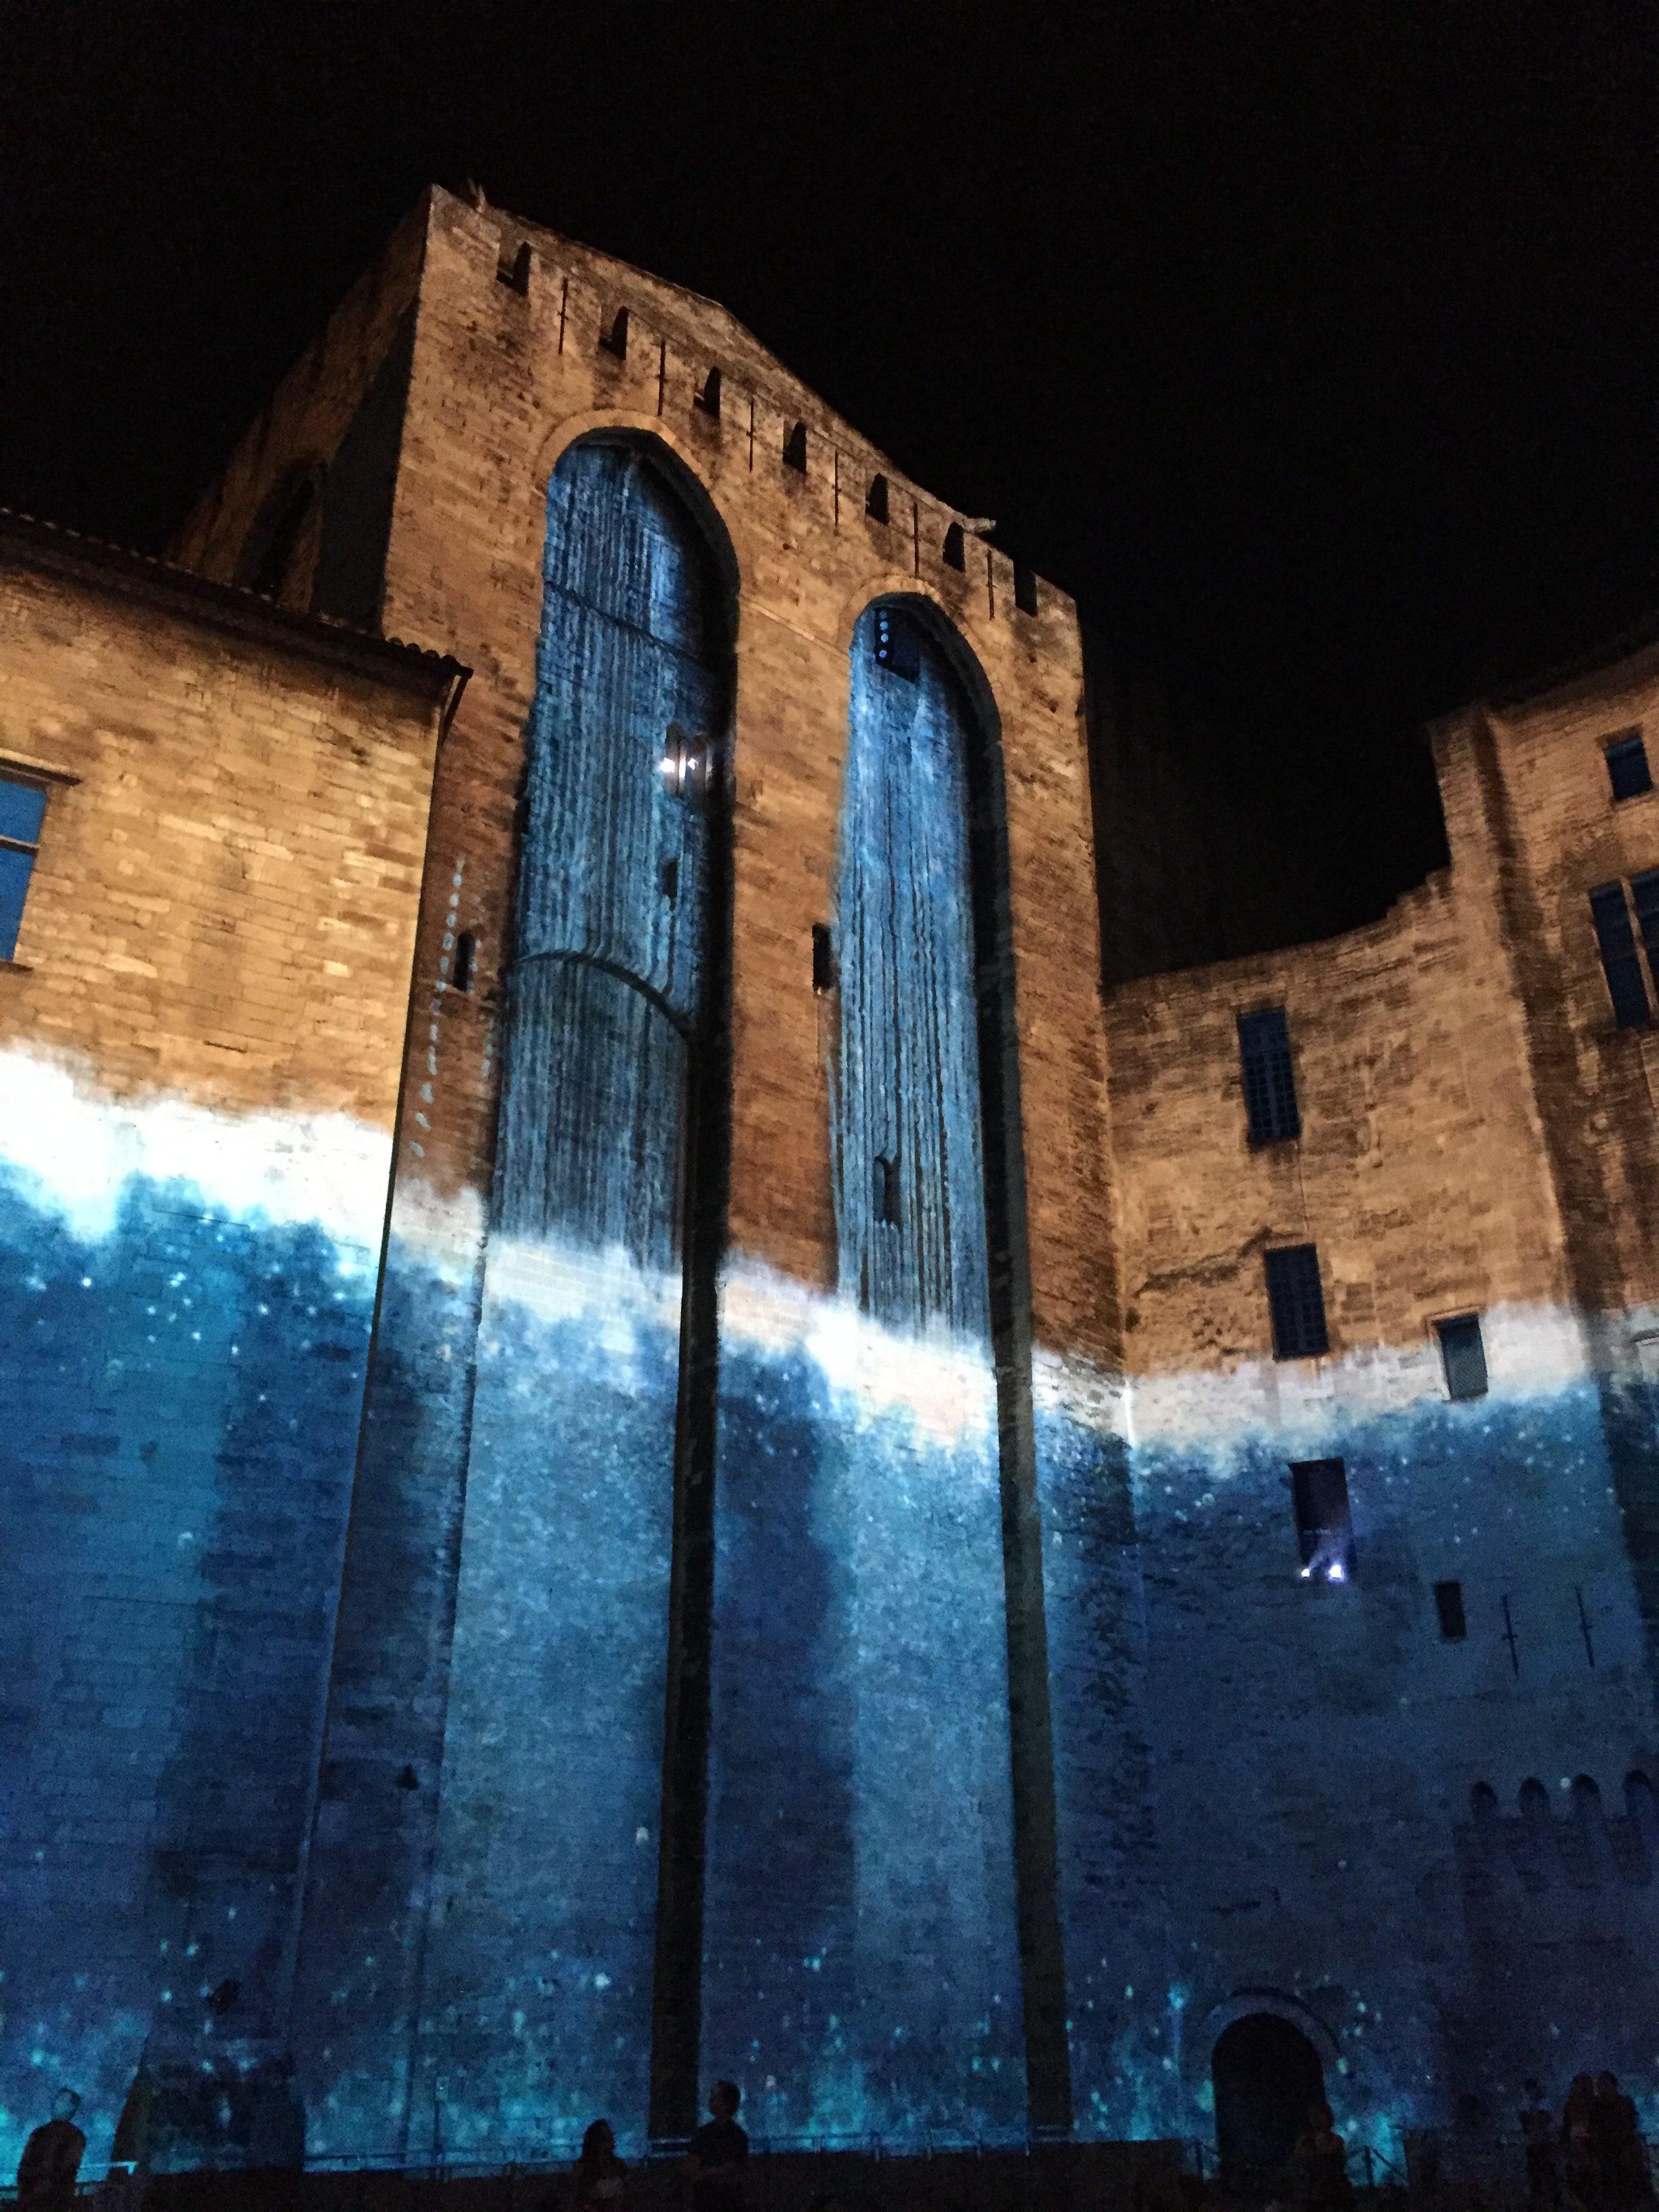 les-luminessences-d-avignon-spectacle-monumental-palais-des-papes-nocturne-photo-usofparis-blog